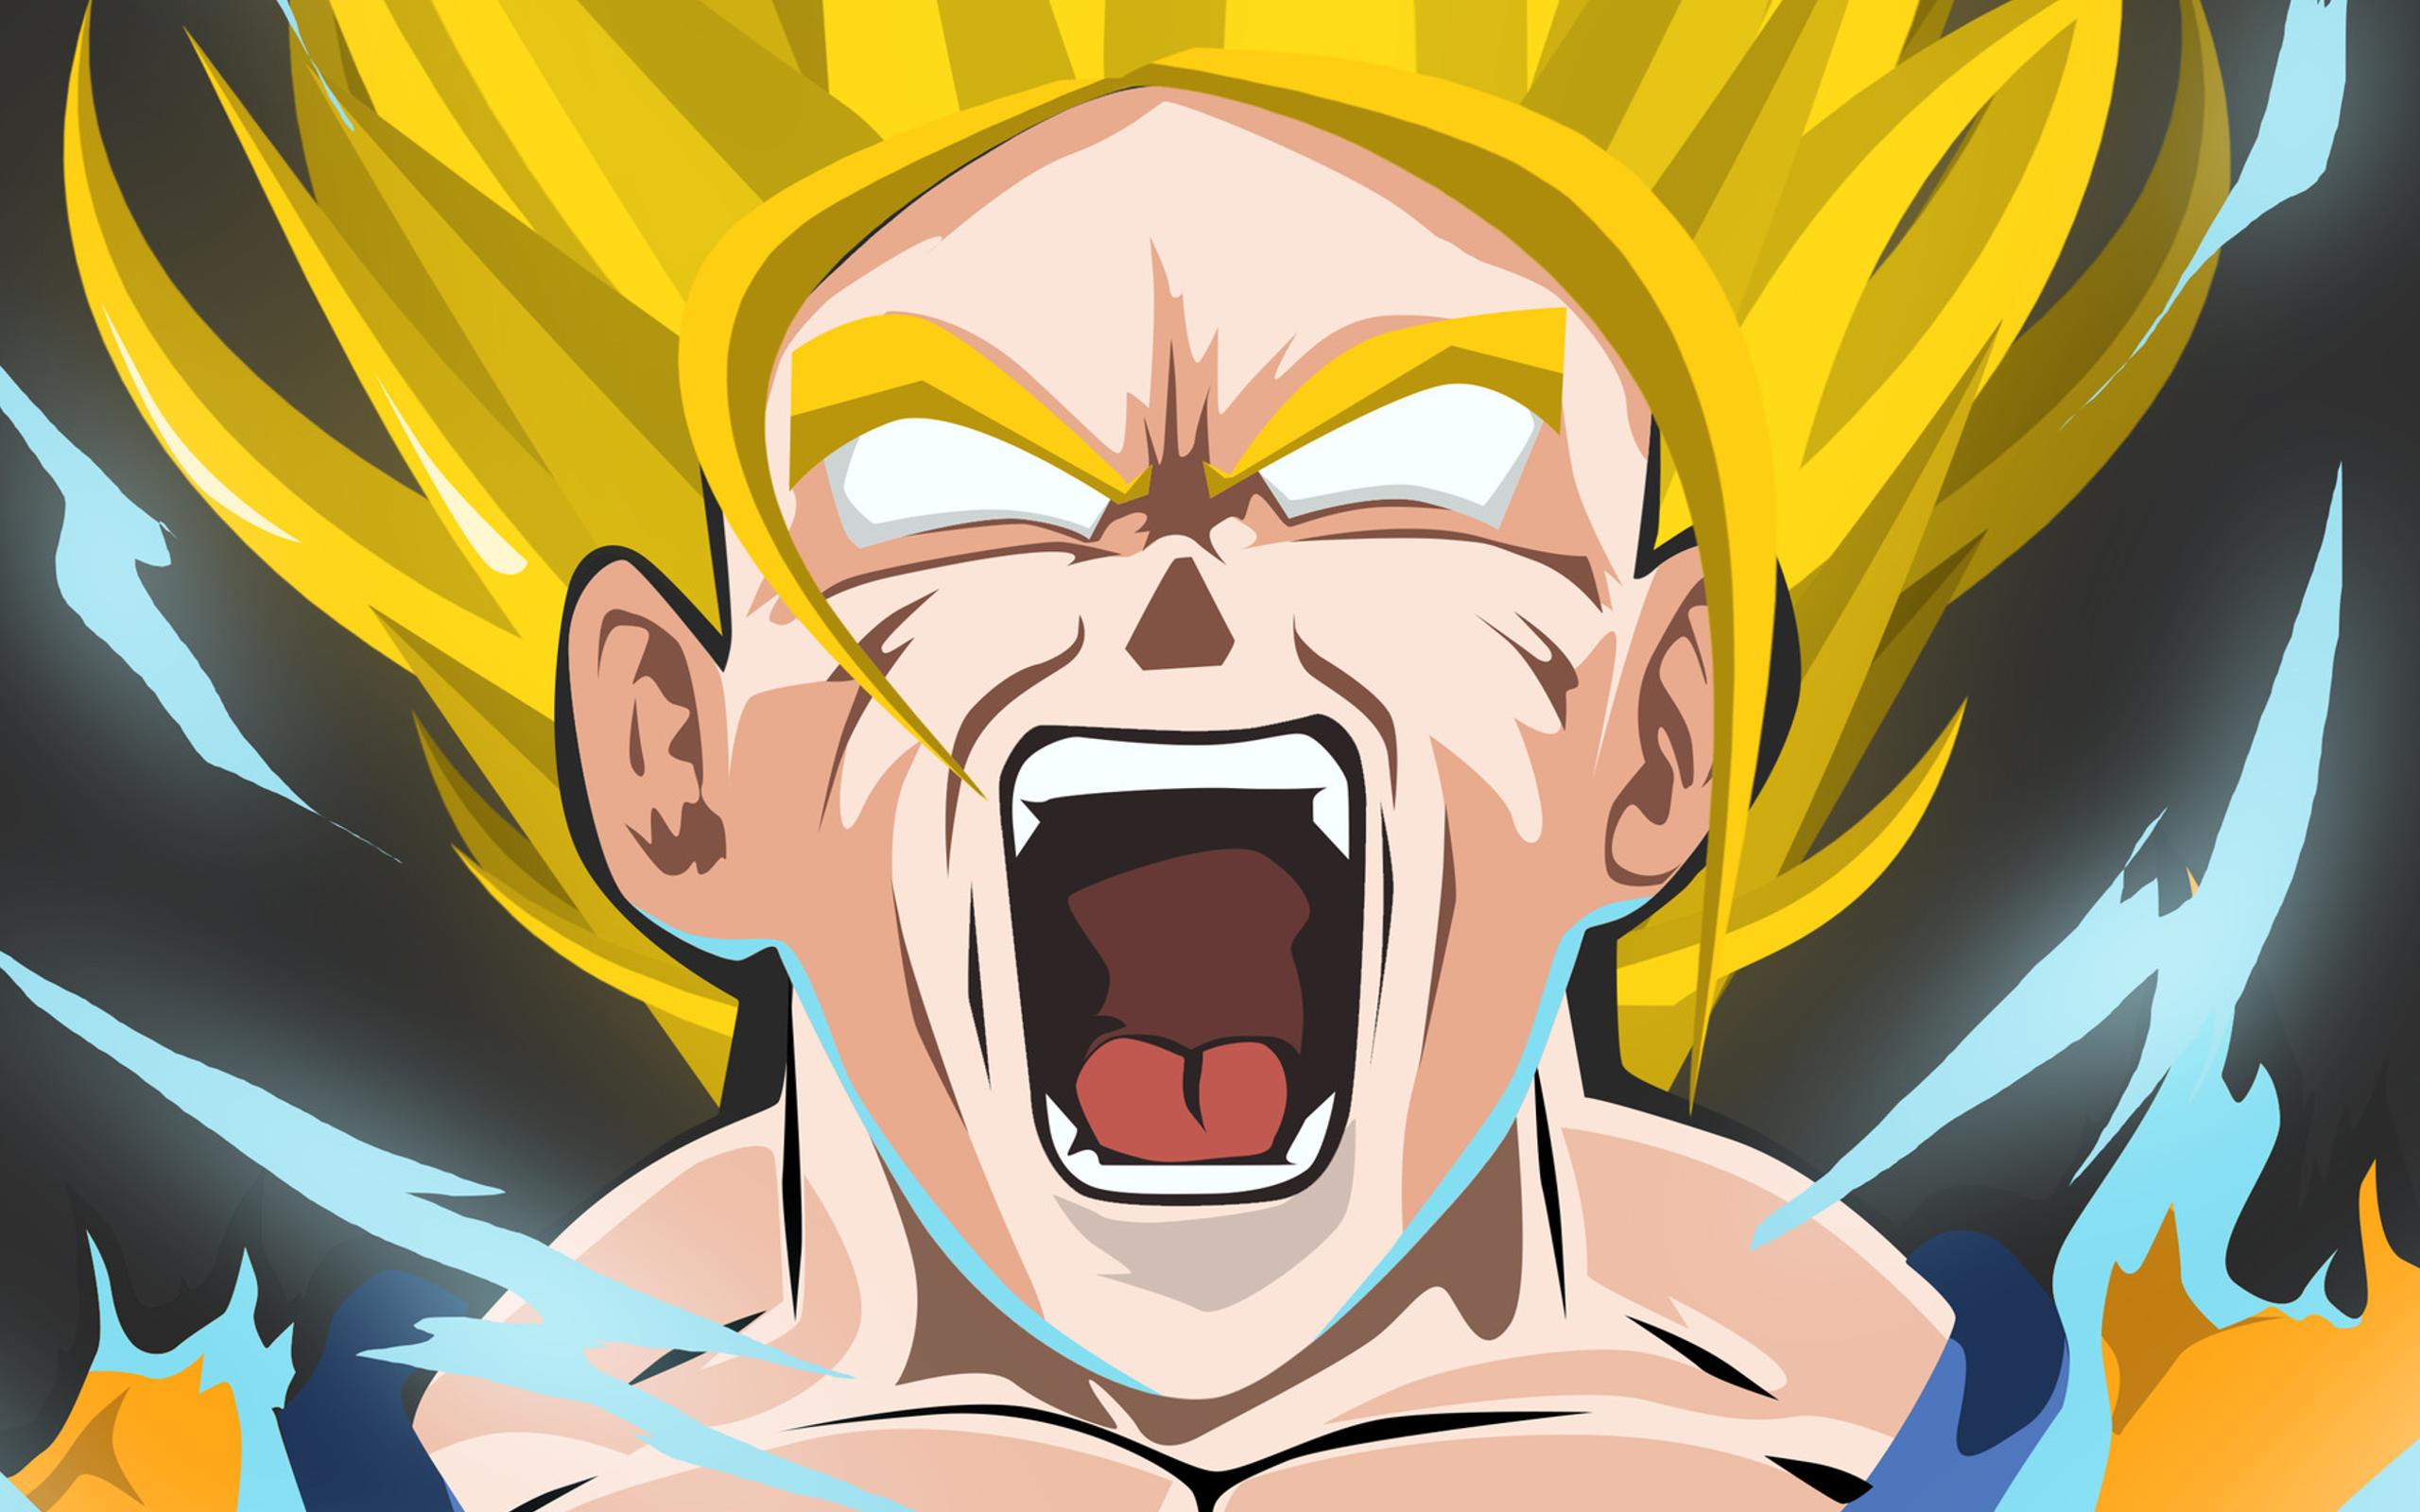 Dragon Ball Z Para Colorir Gohan Super Ssj 2: Dragon Ball Z Wallpapers Goku Super Saiyan 2